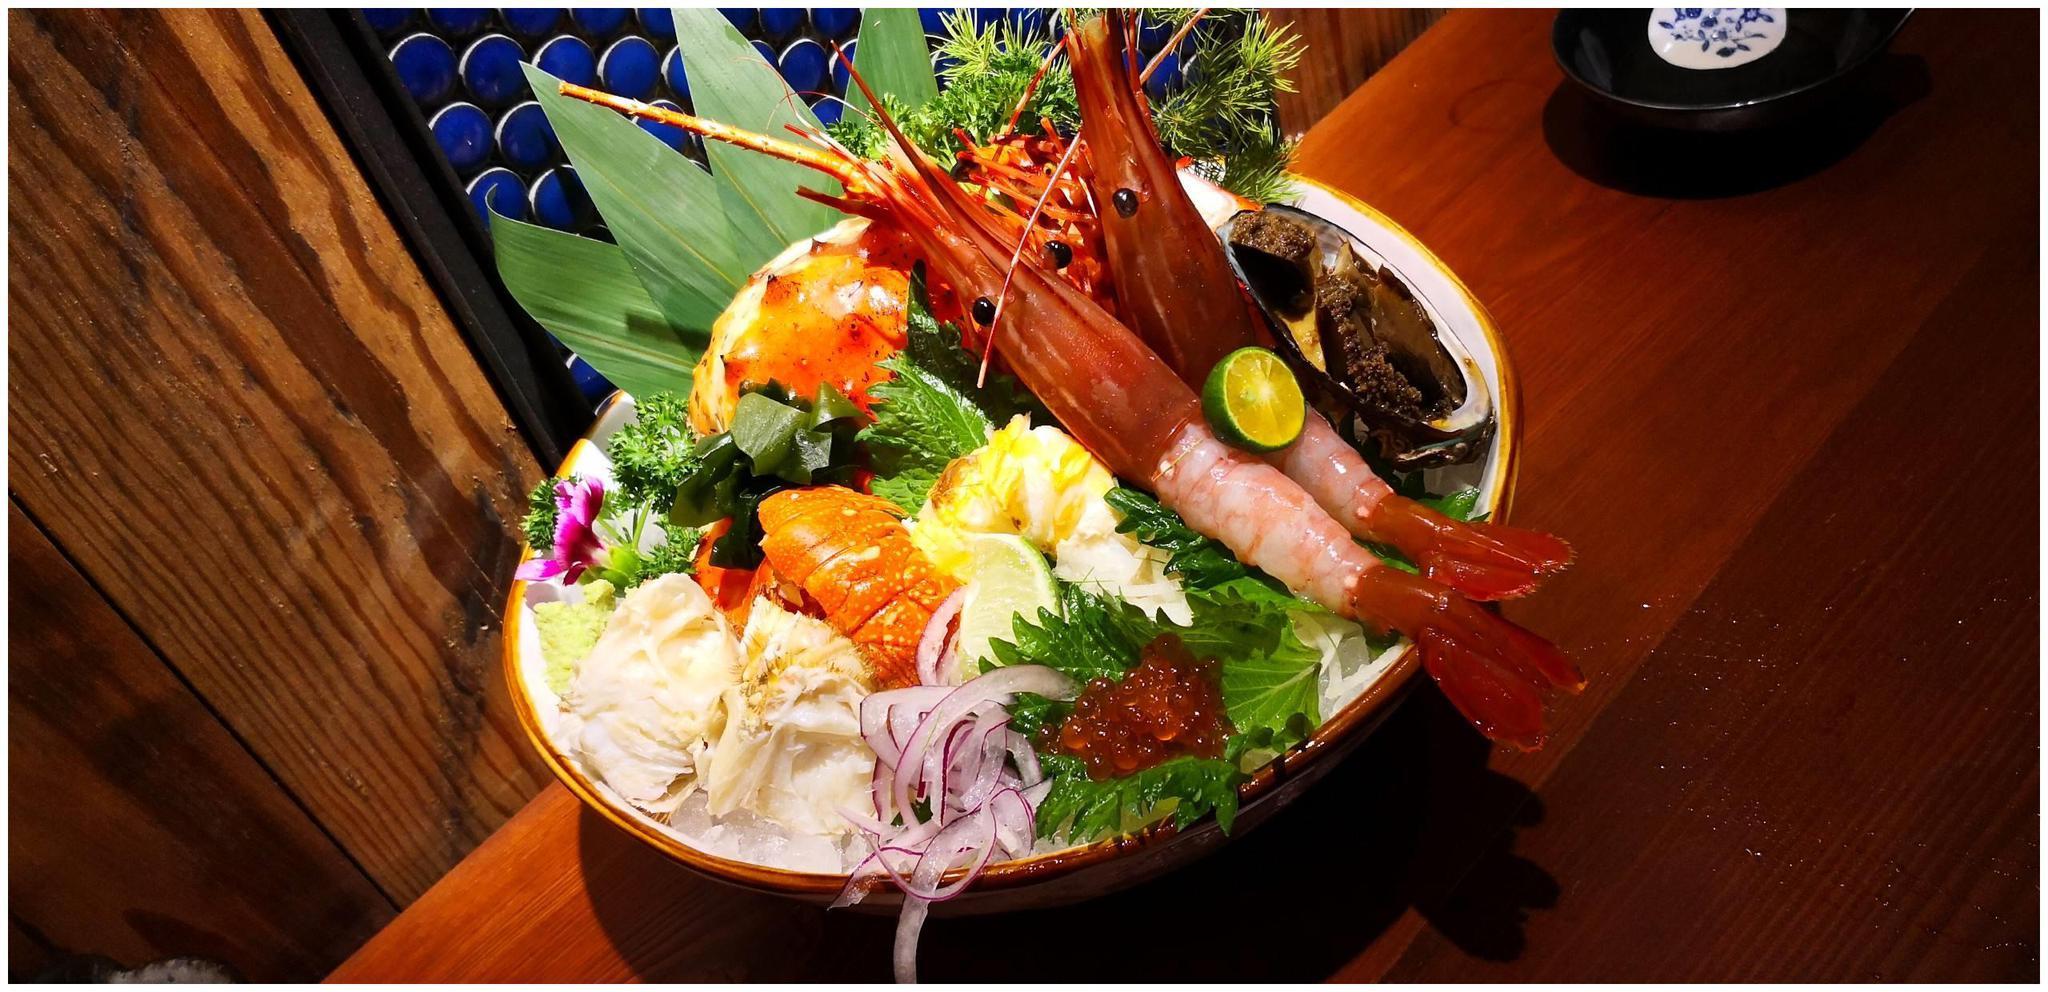 吃海鲜刺身配什么?辣根很低端,黄芥末只是入门级!